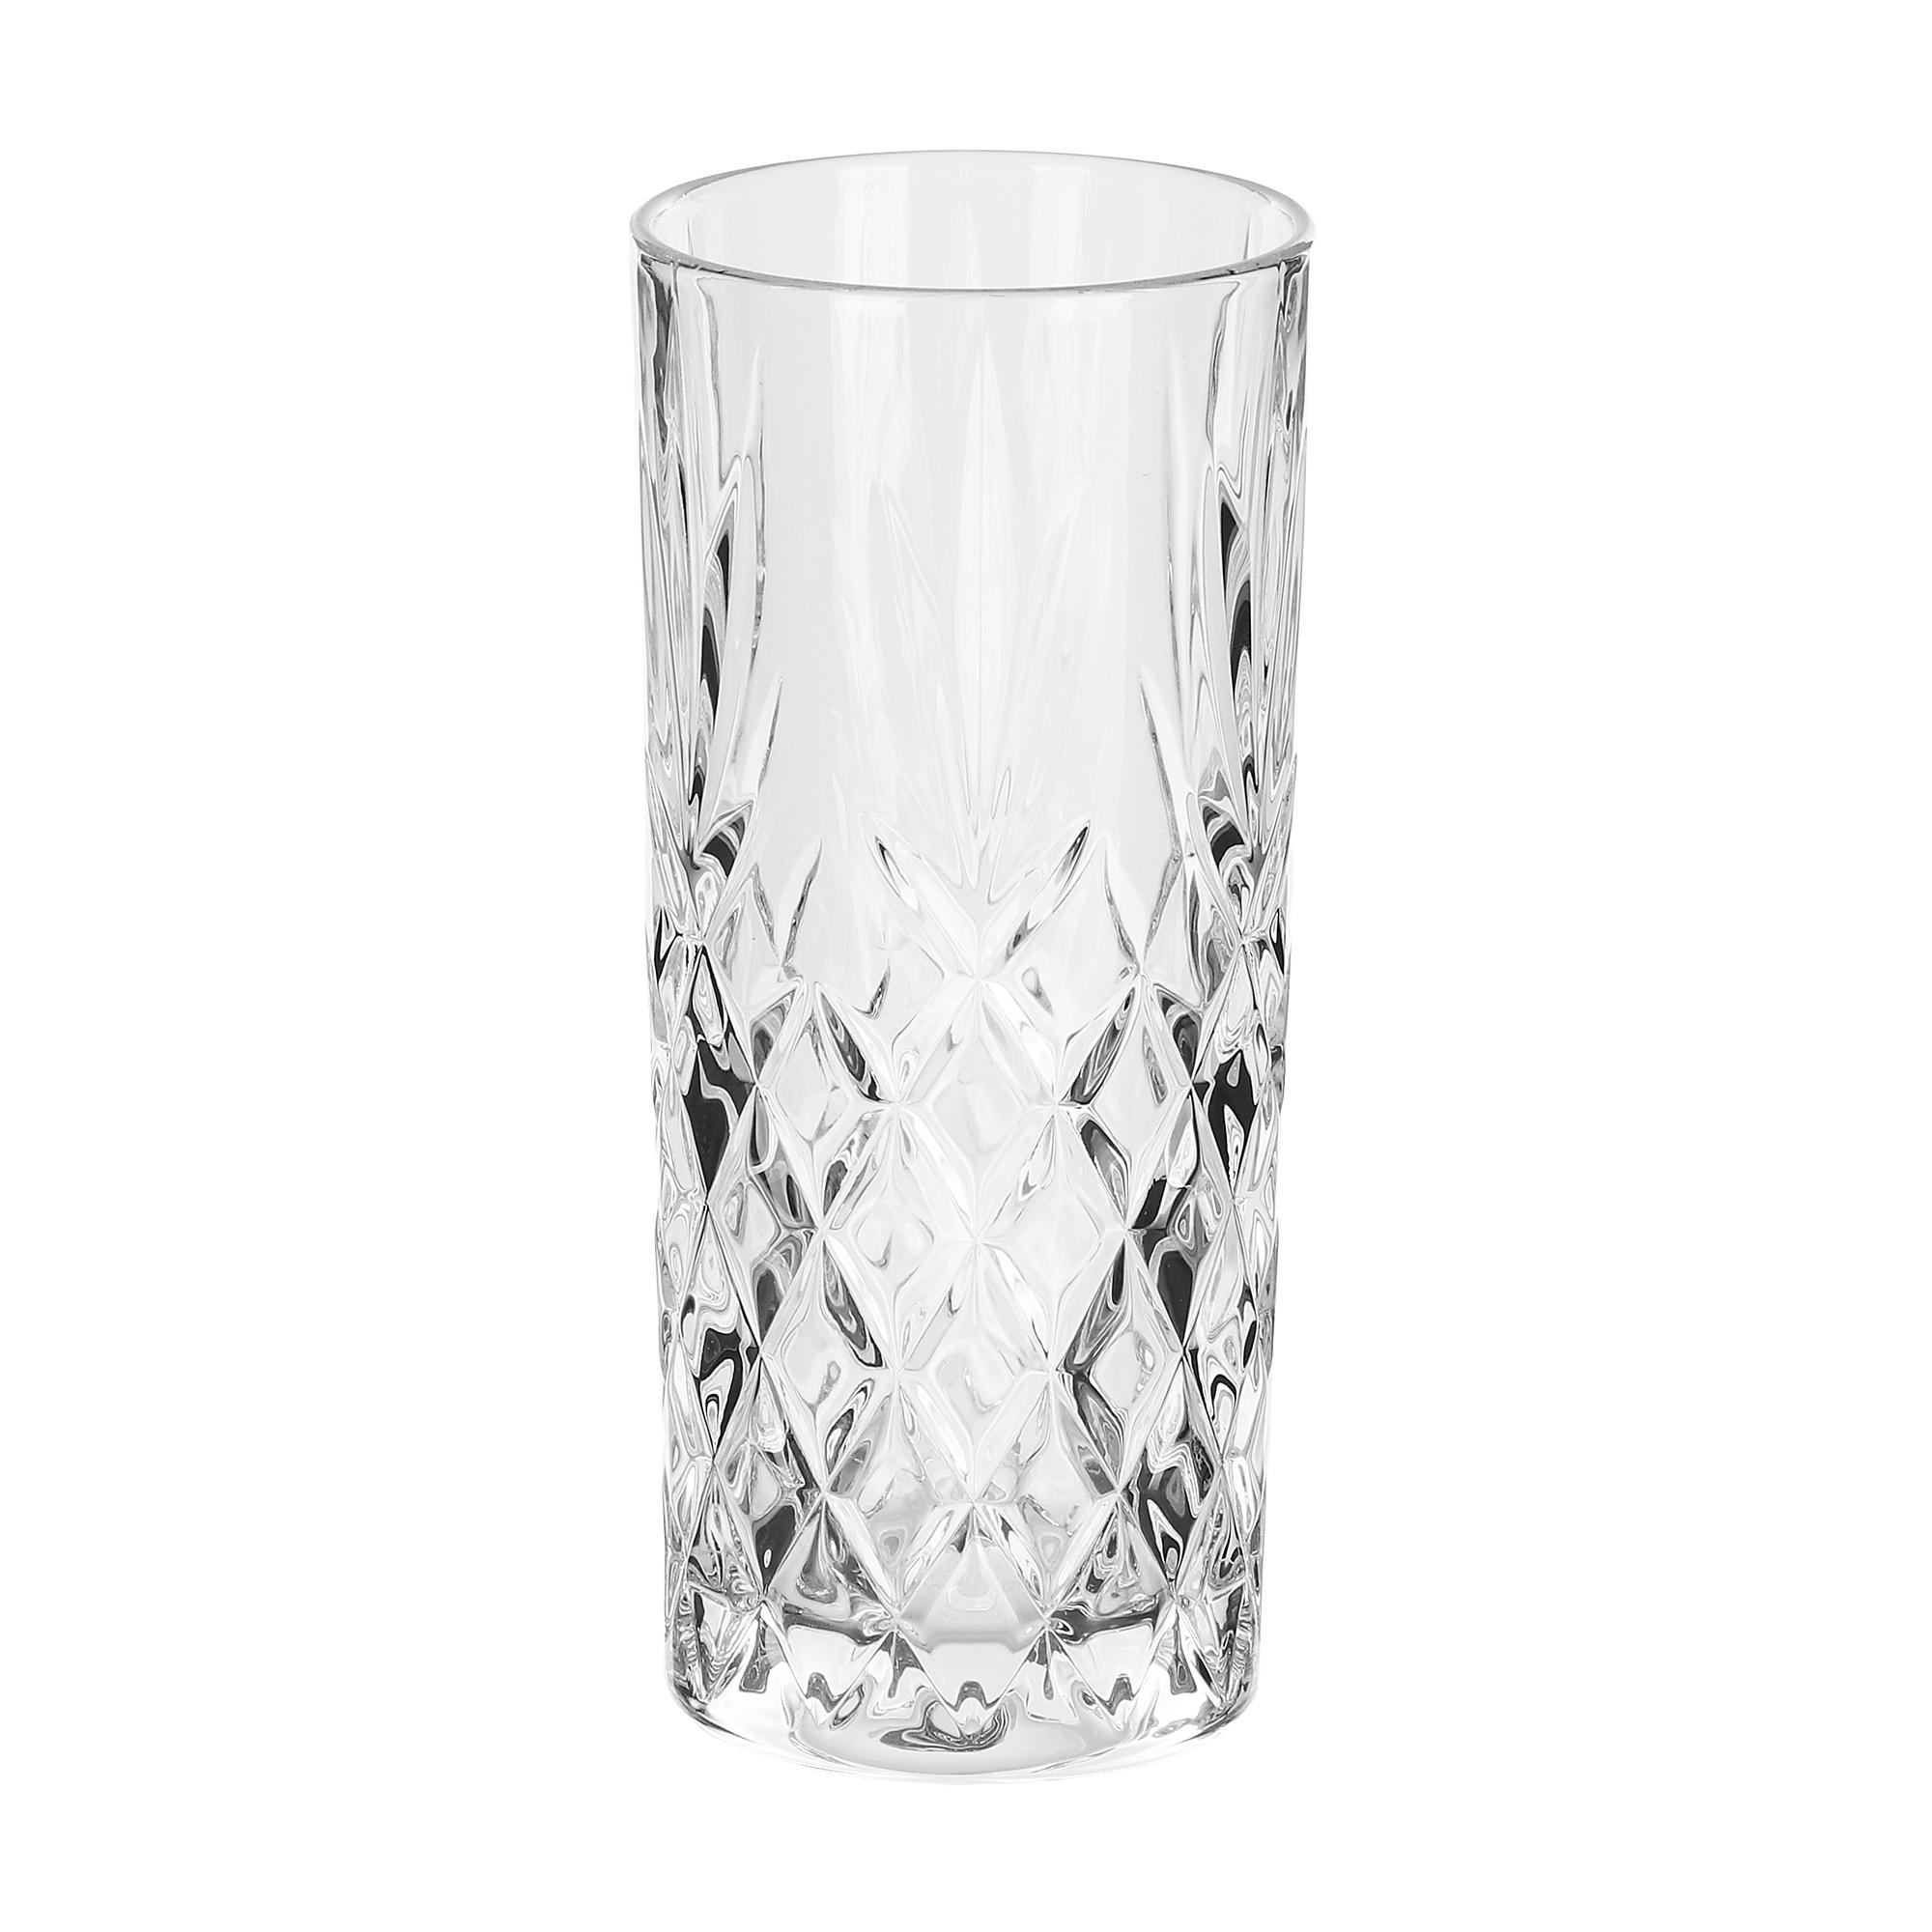 Набор стаканов Crystalite Bohemia Феникс 310 мл 6 шт набор стаканов 410 мл 6 шт crystalite bohemia набор стаканов 410 мл 6 шт